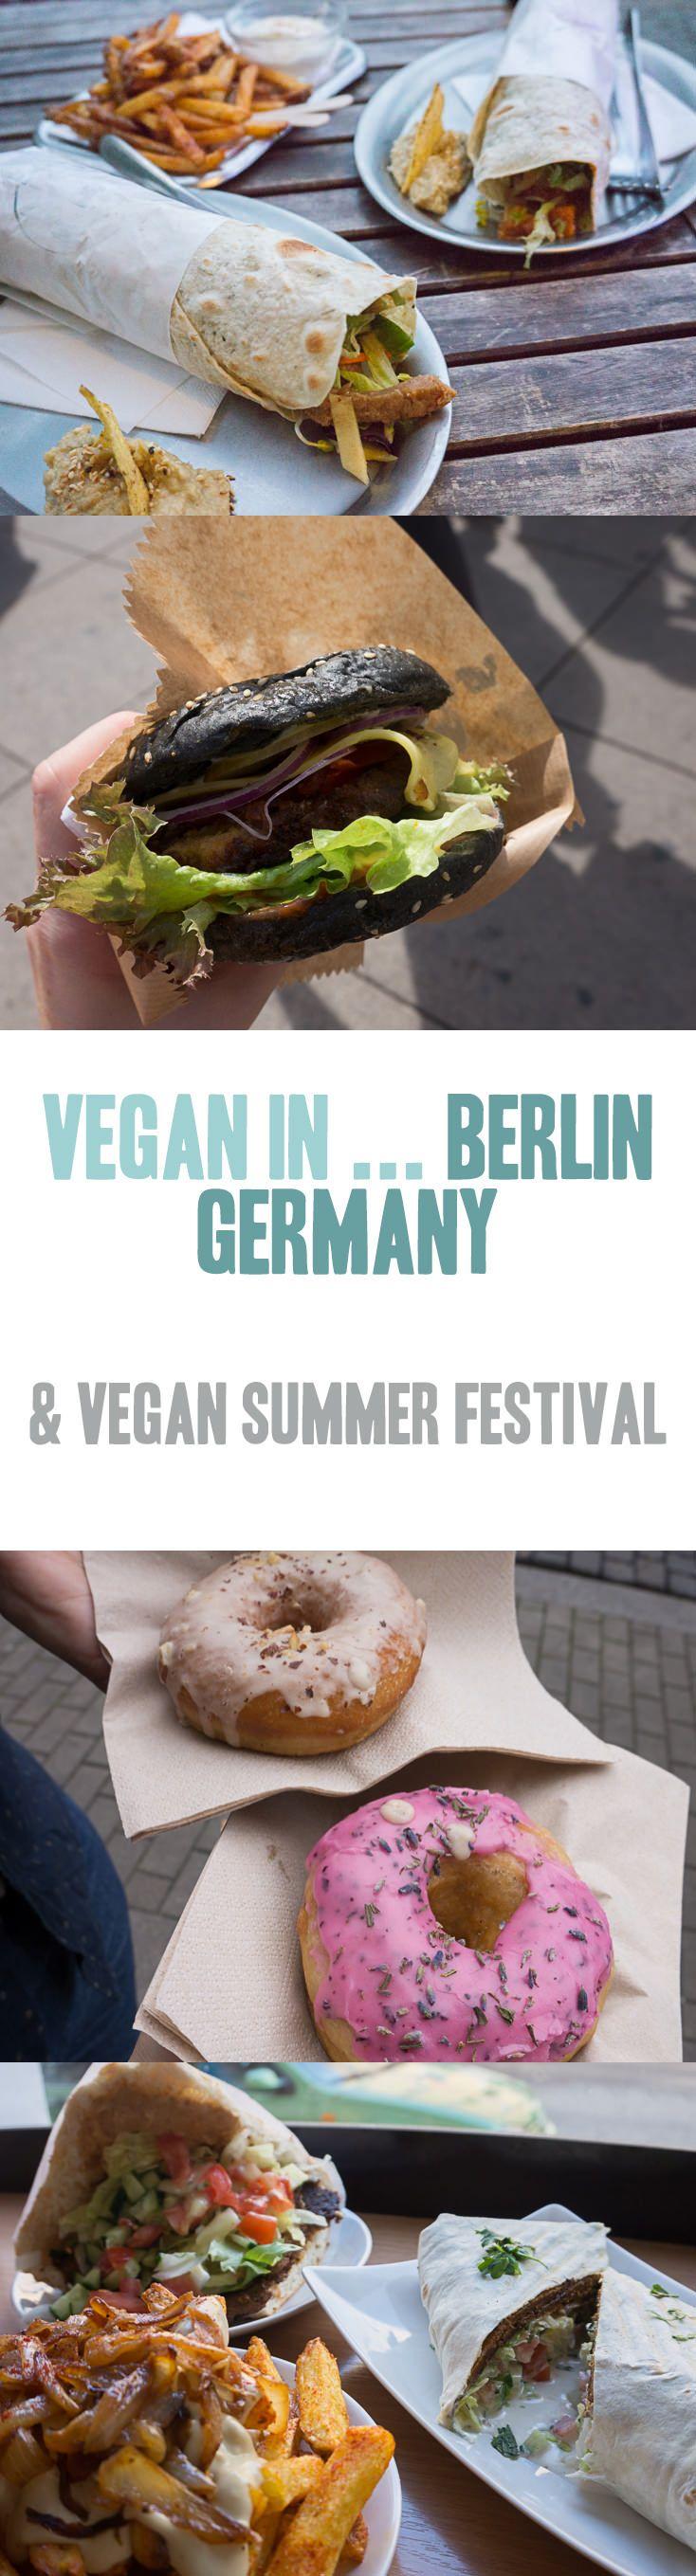 Vegan In Berlin Germany Vegane Restaurants Berlin Vegan Berlin Essen